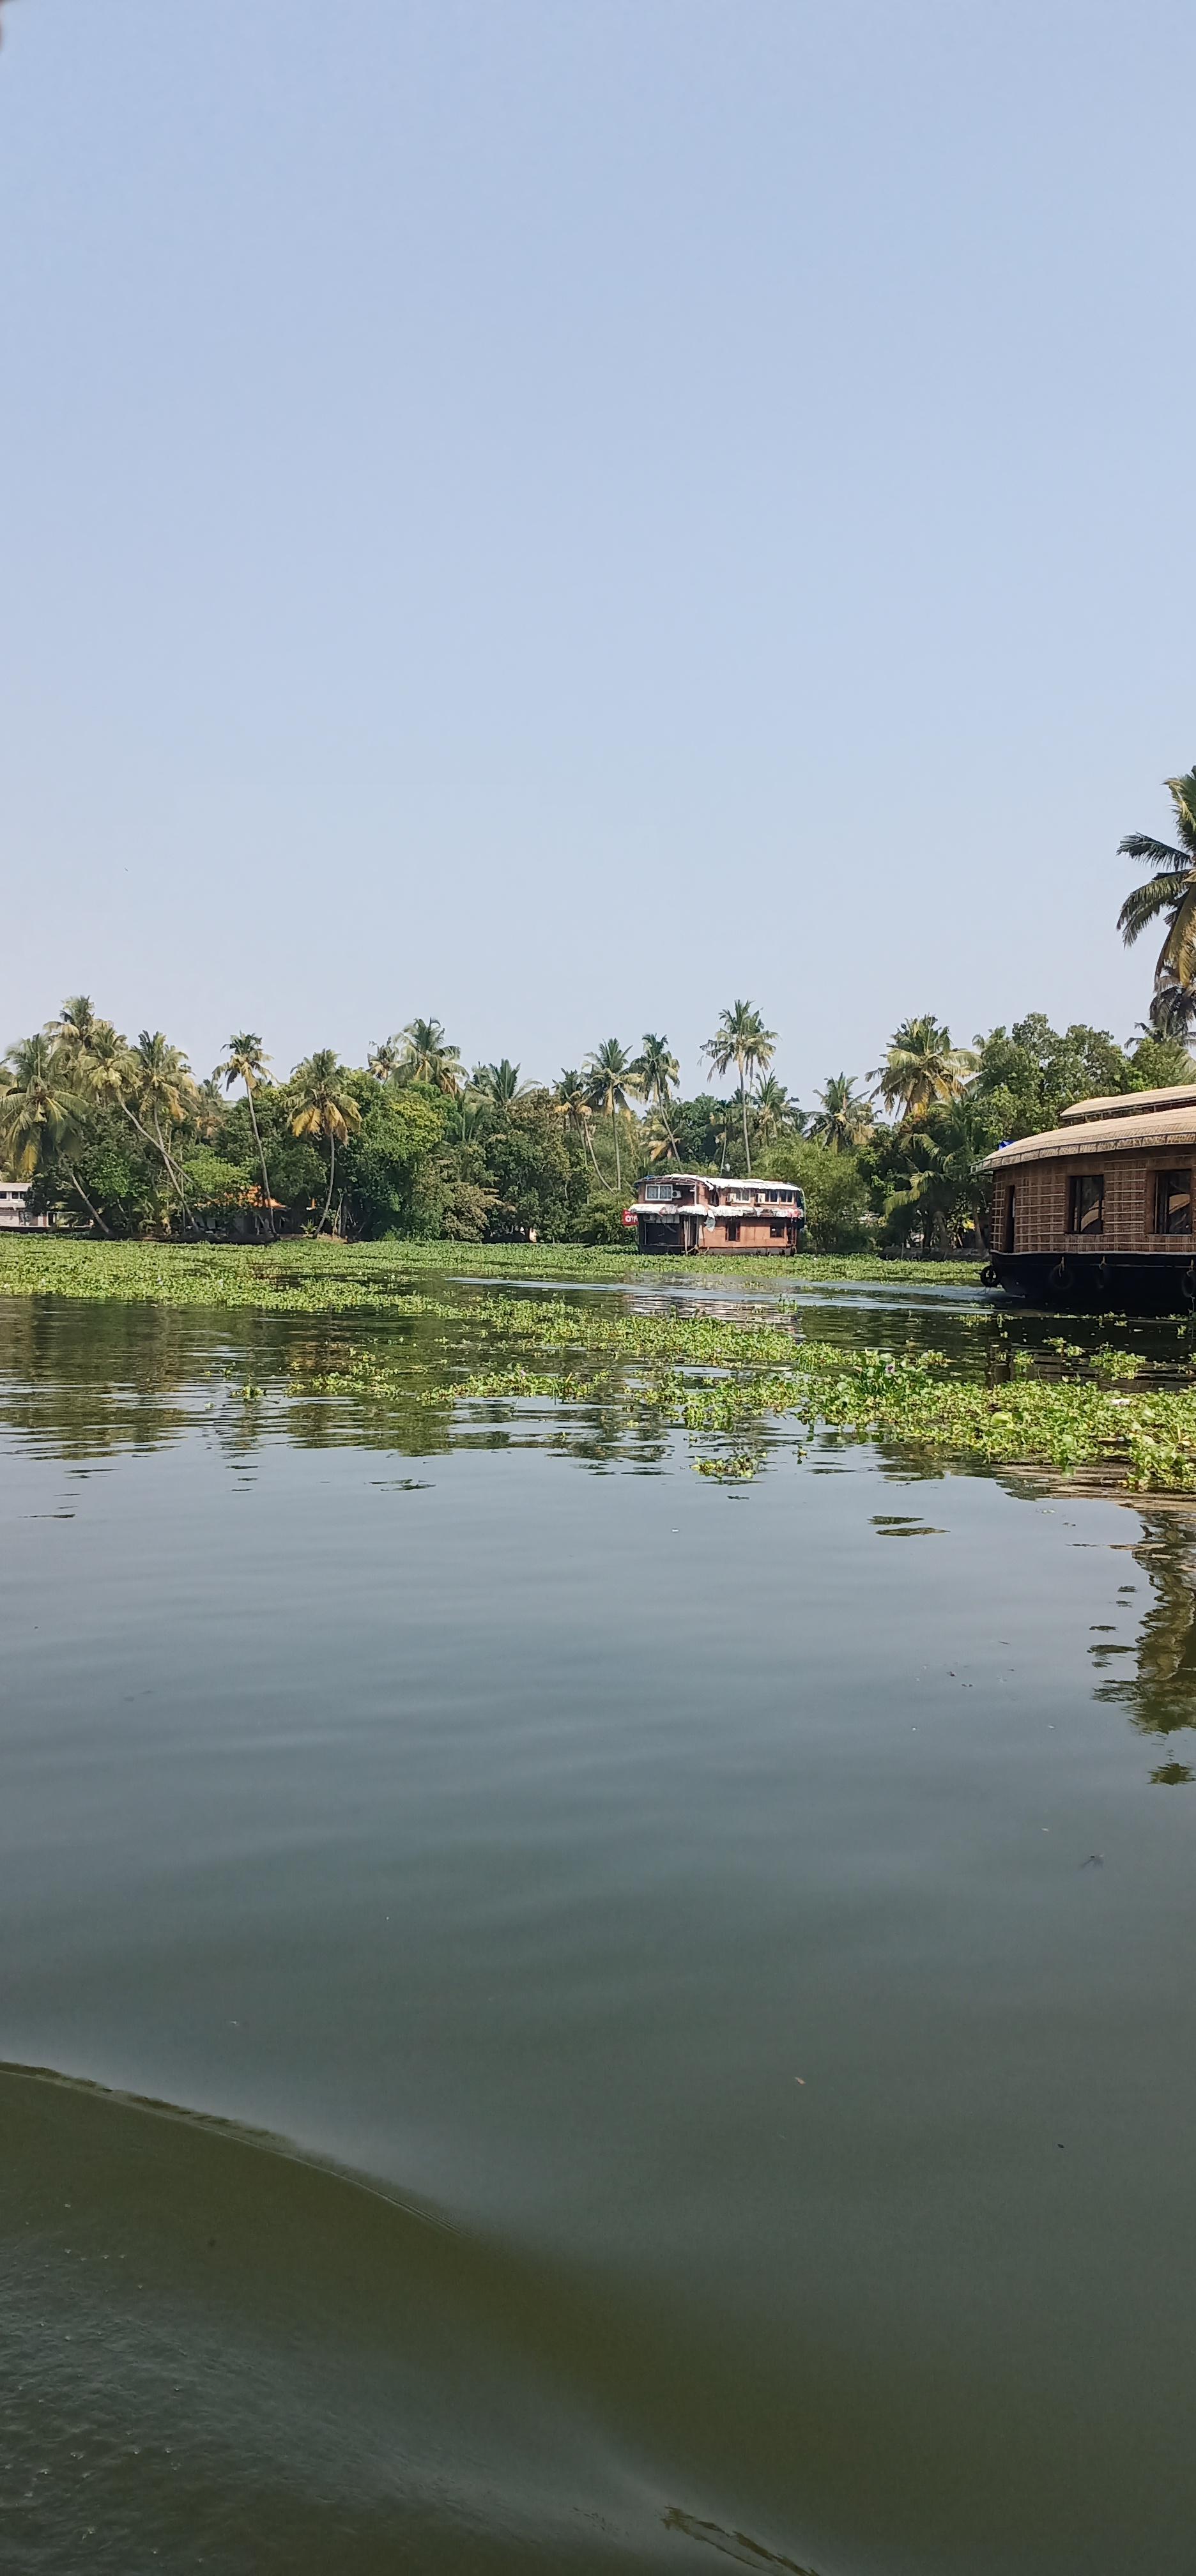 Alleppy_Backwaters_Kerala_6